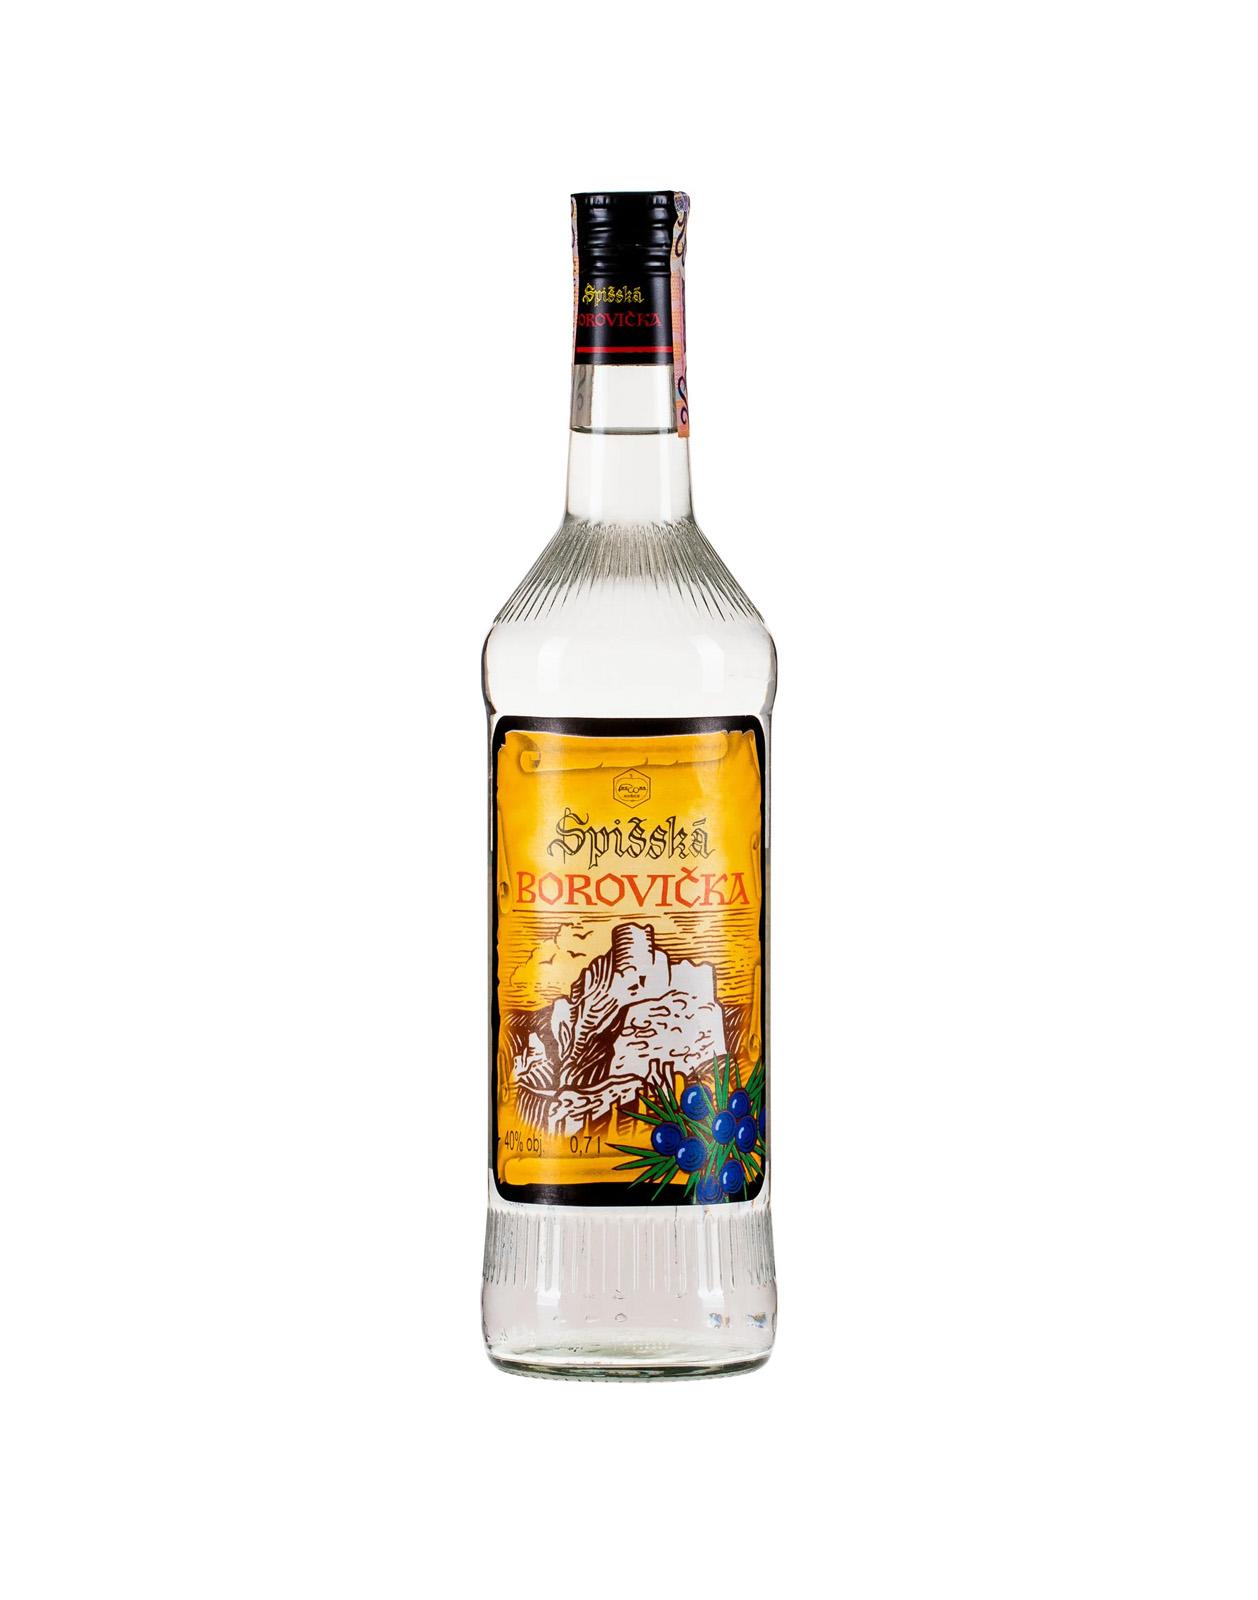 Spišská Borovička 40%, Bottleshop Sunny wines slnecnice mesto, petrzalka, destiláty, rozvoz alkoholu, eshop